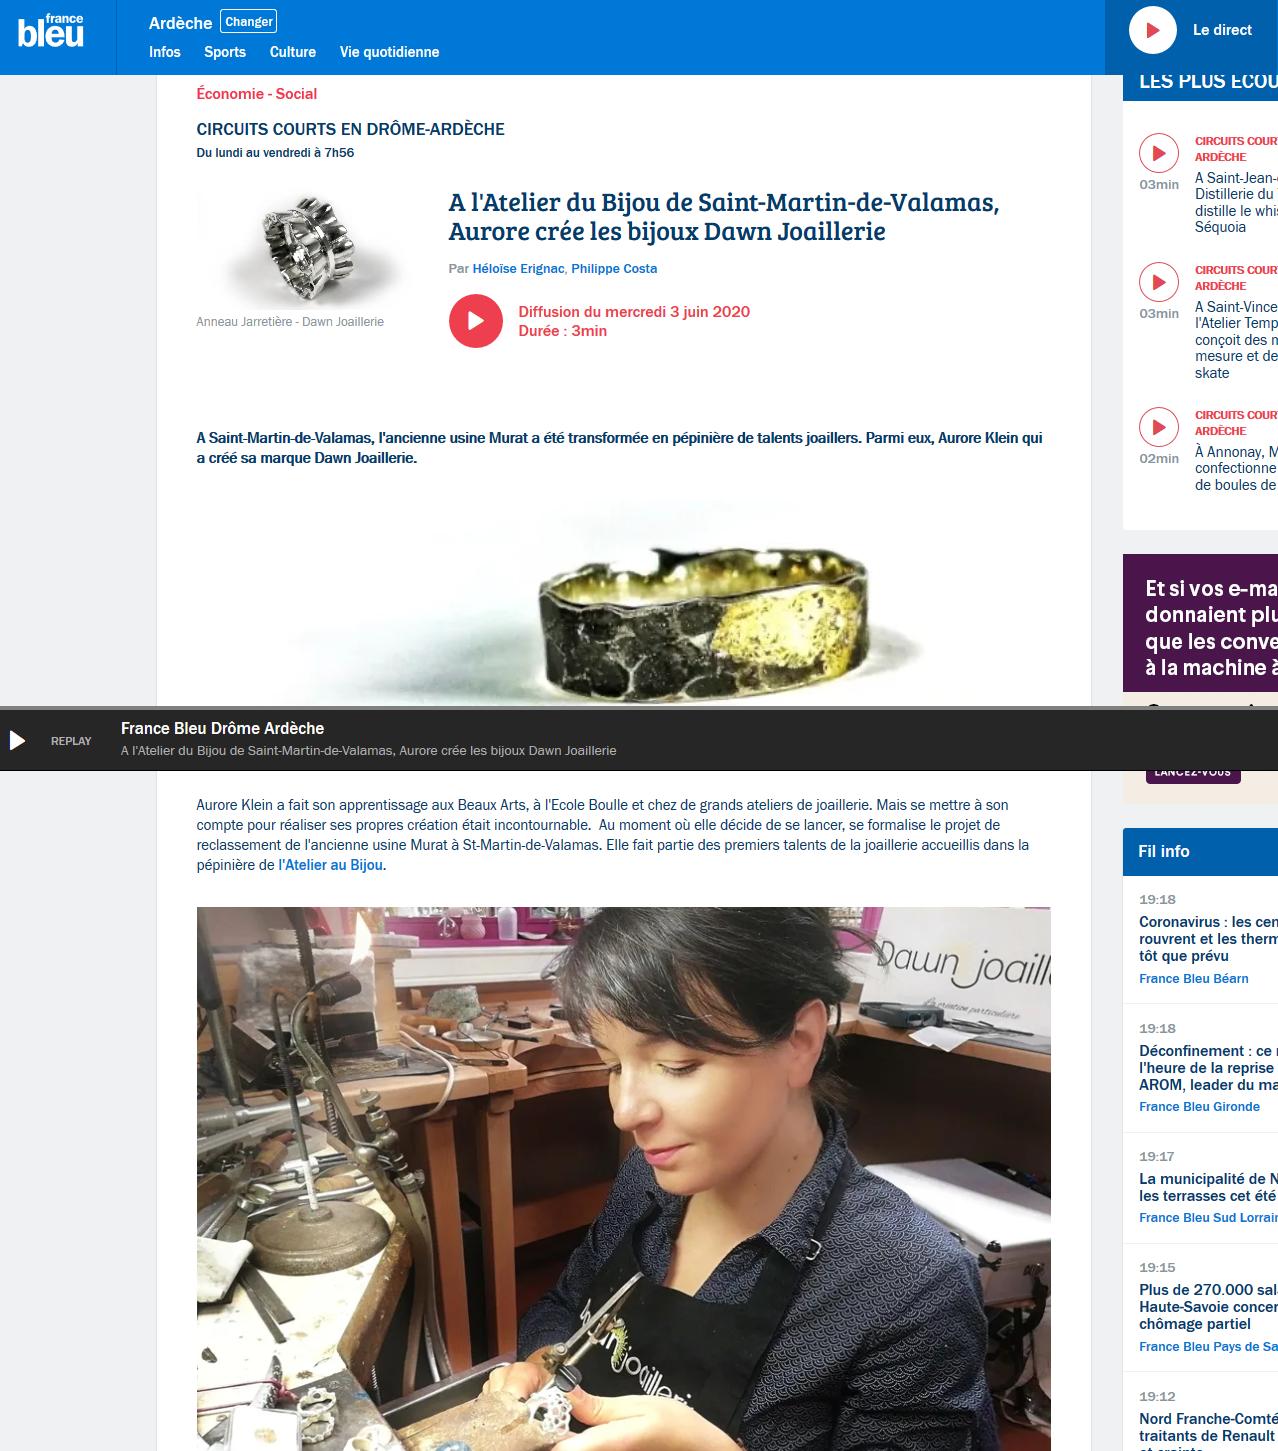 Screenshot_2020-06-03 A l'Atelier du Bijou de Saint-Martin-de-Valamas, Aurore crée les bijoux Dawn Joaillerie